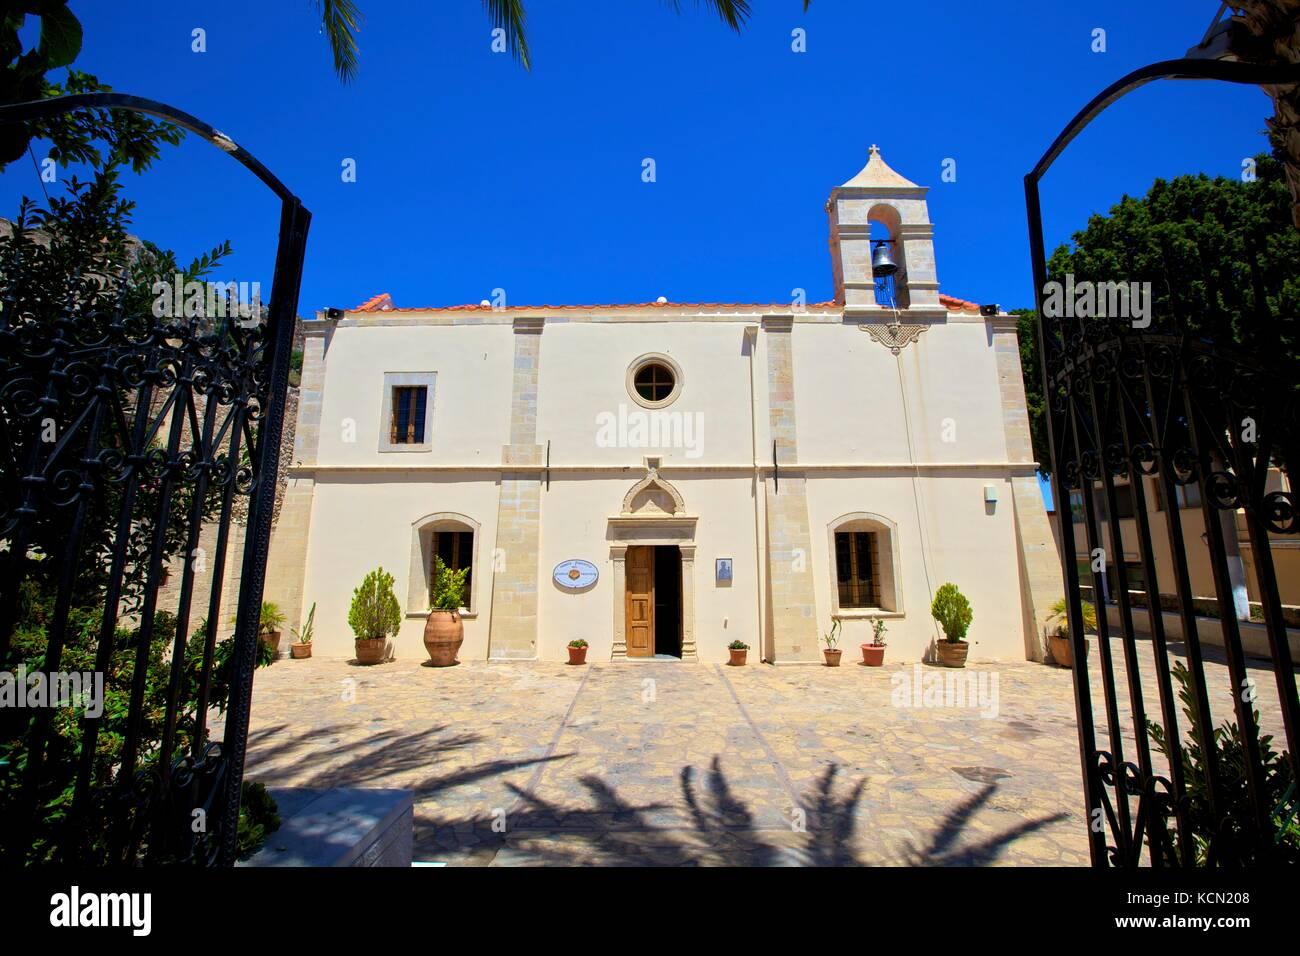 Odigitria, Nostra Signora del cammino, Kritsa, Creta, Isole Greche, Grecia, Europa Immagini Stock